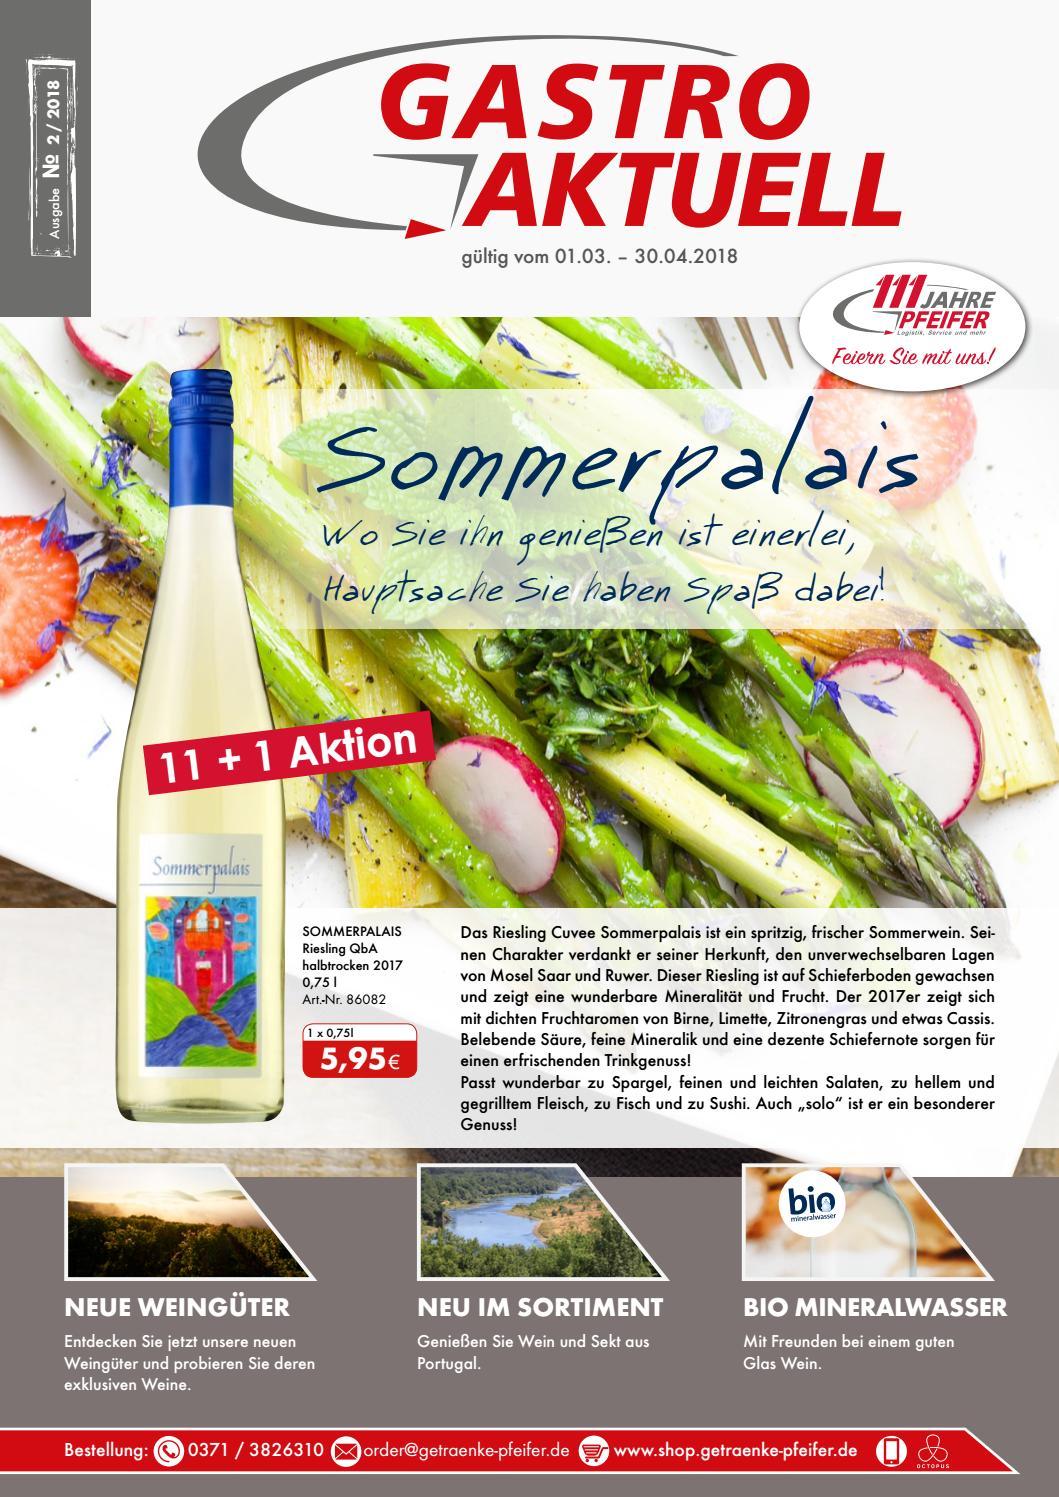 Gastro Aktuell - Ausgabe 2 / 2018 by Getränke Pfeifer GmbH - issuu